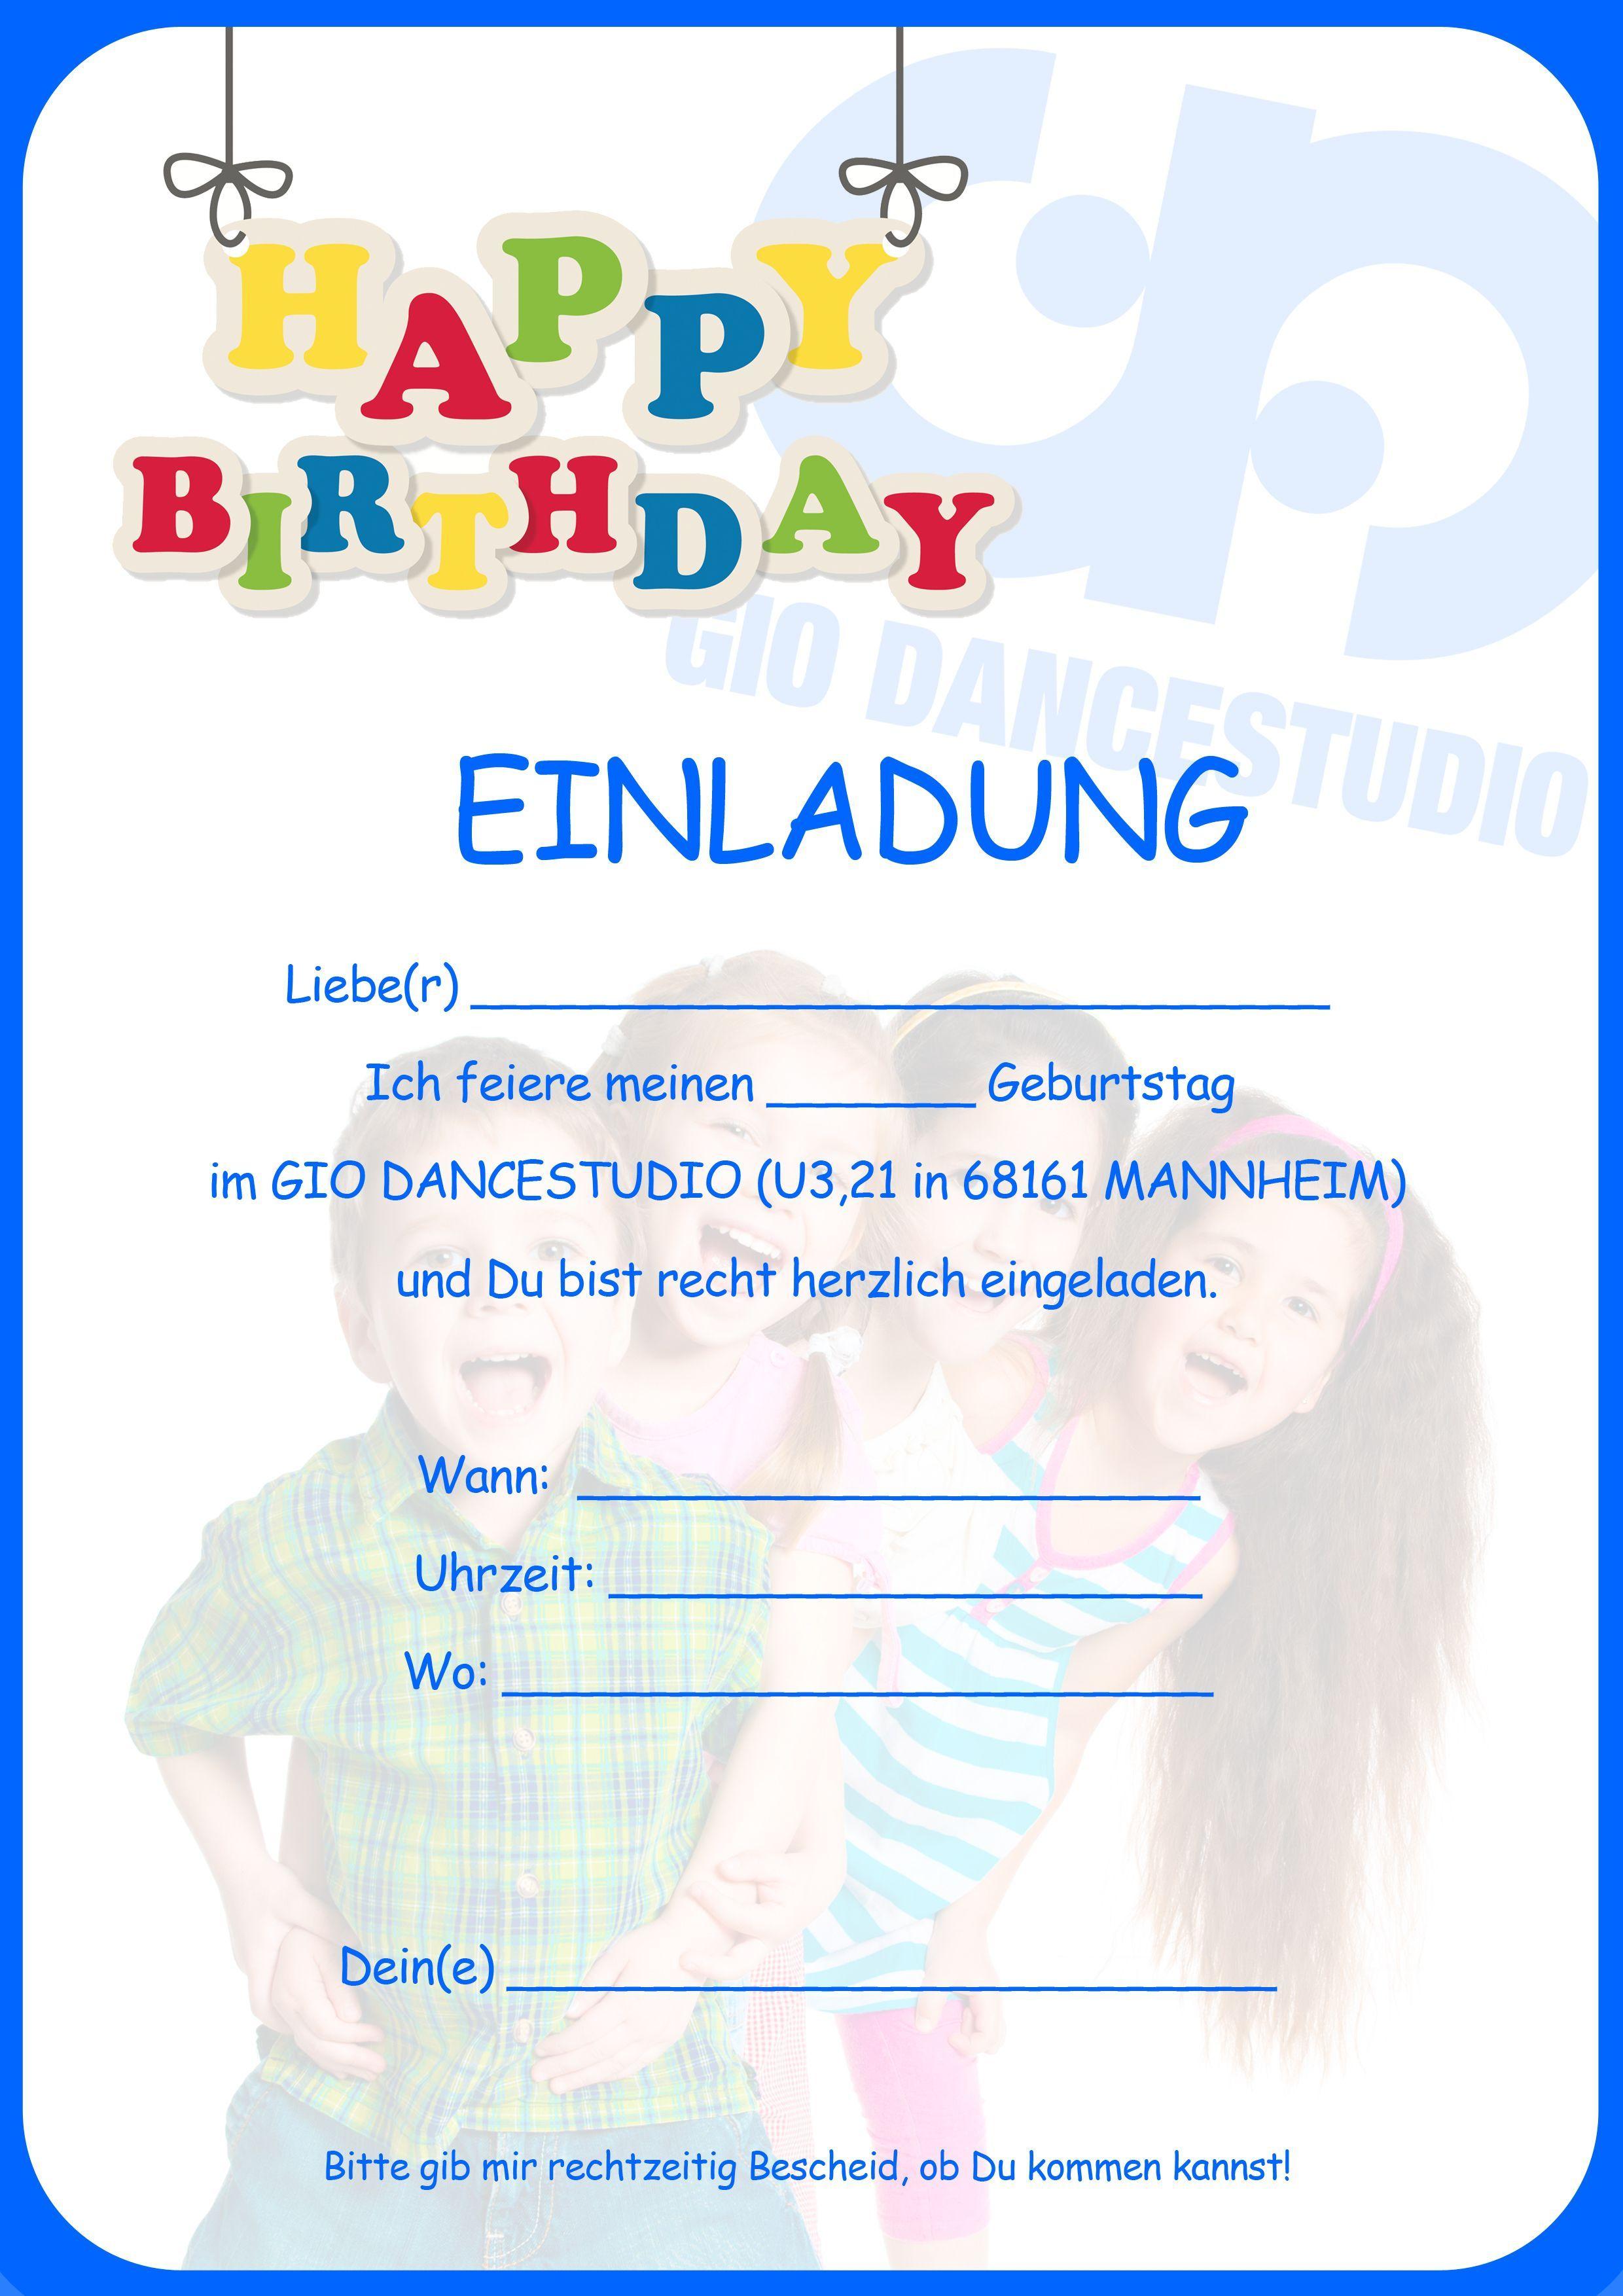 the excellent einladung zum geburtstagsessen images below, is part, Einladungen